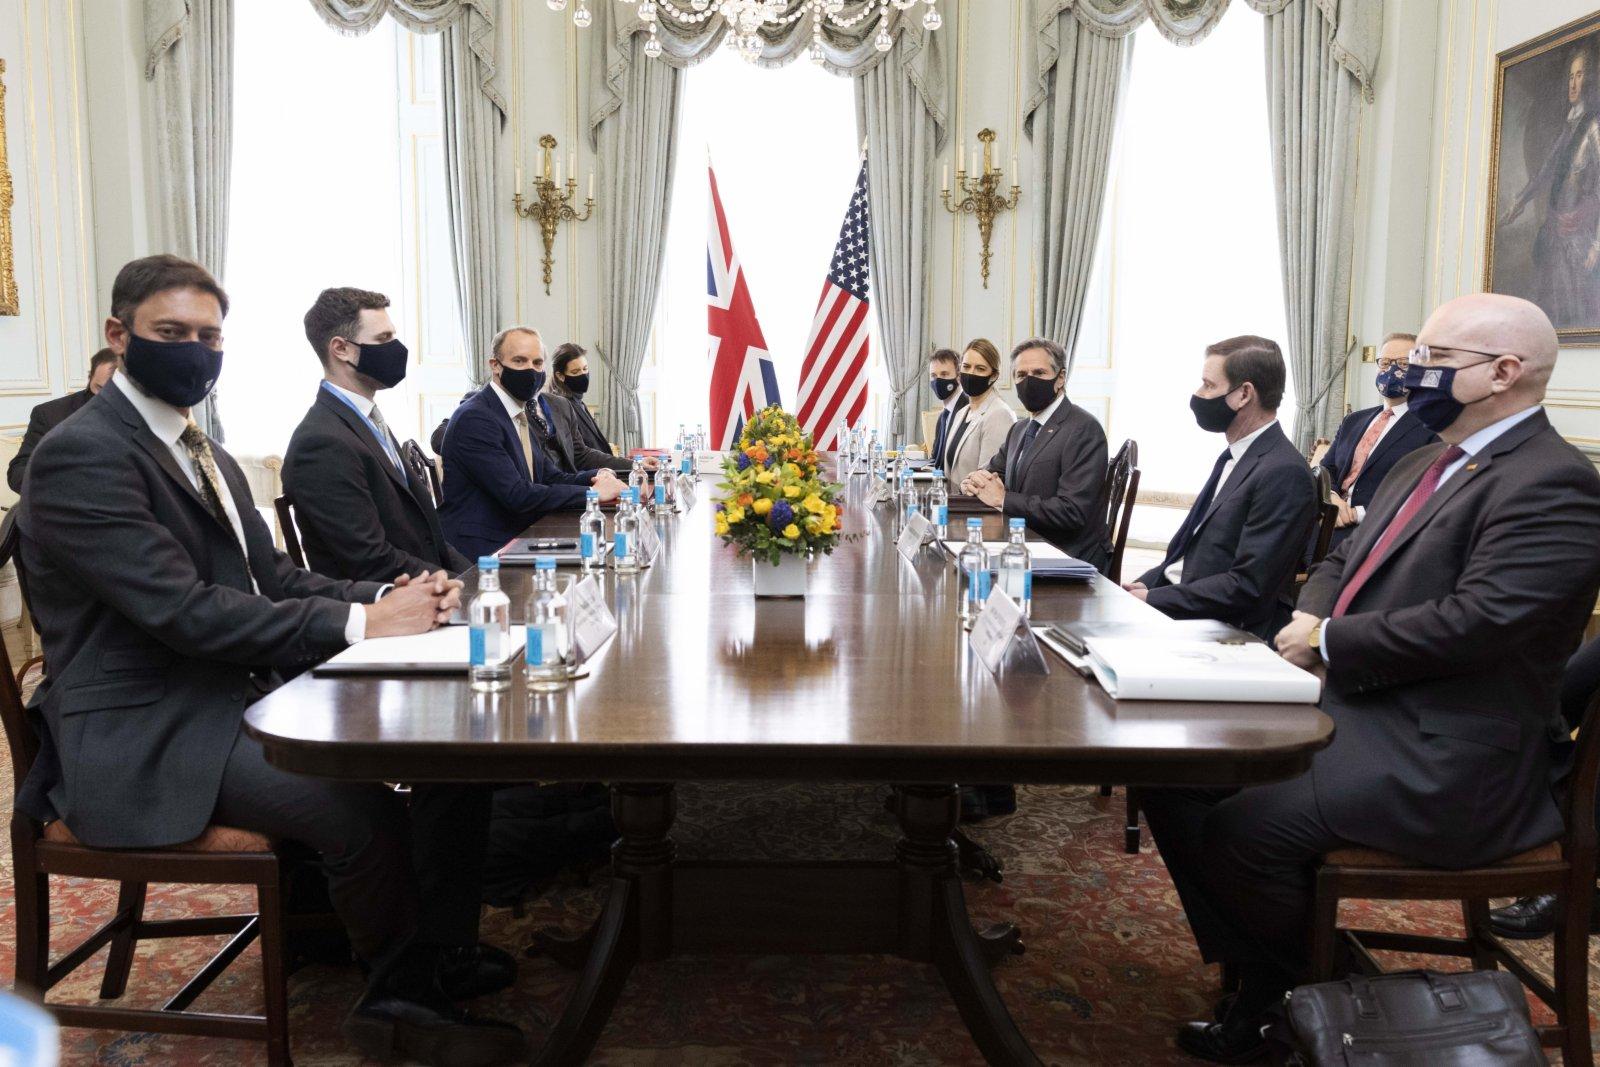 5月3日,英國外交大臣拉布(前左三)與美國國務卿布林肯(前右三)在英國倫敦舉行雙邊會晤。(新華社)